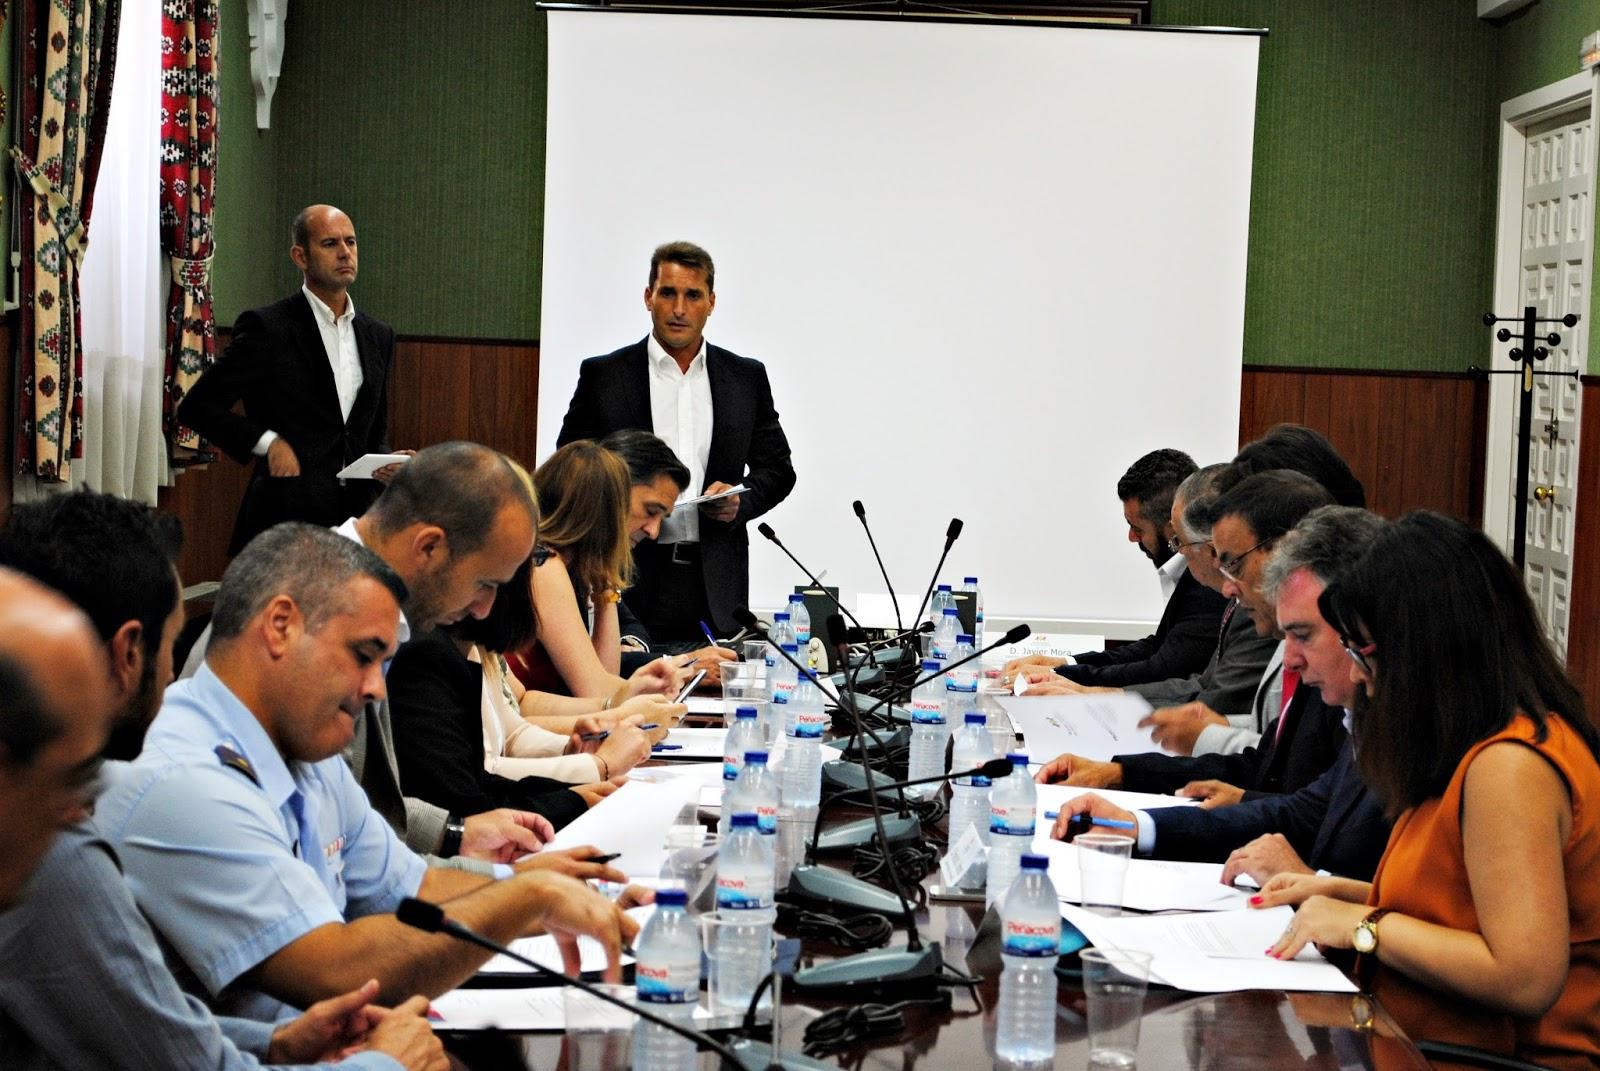 Constituido el Comité Organizador de los VI Juegos Europeos de Policías y Bomberos Huelva 2016